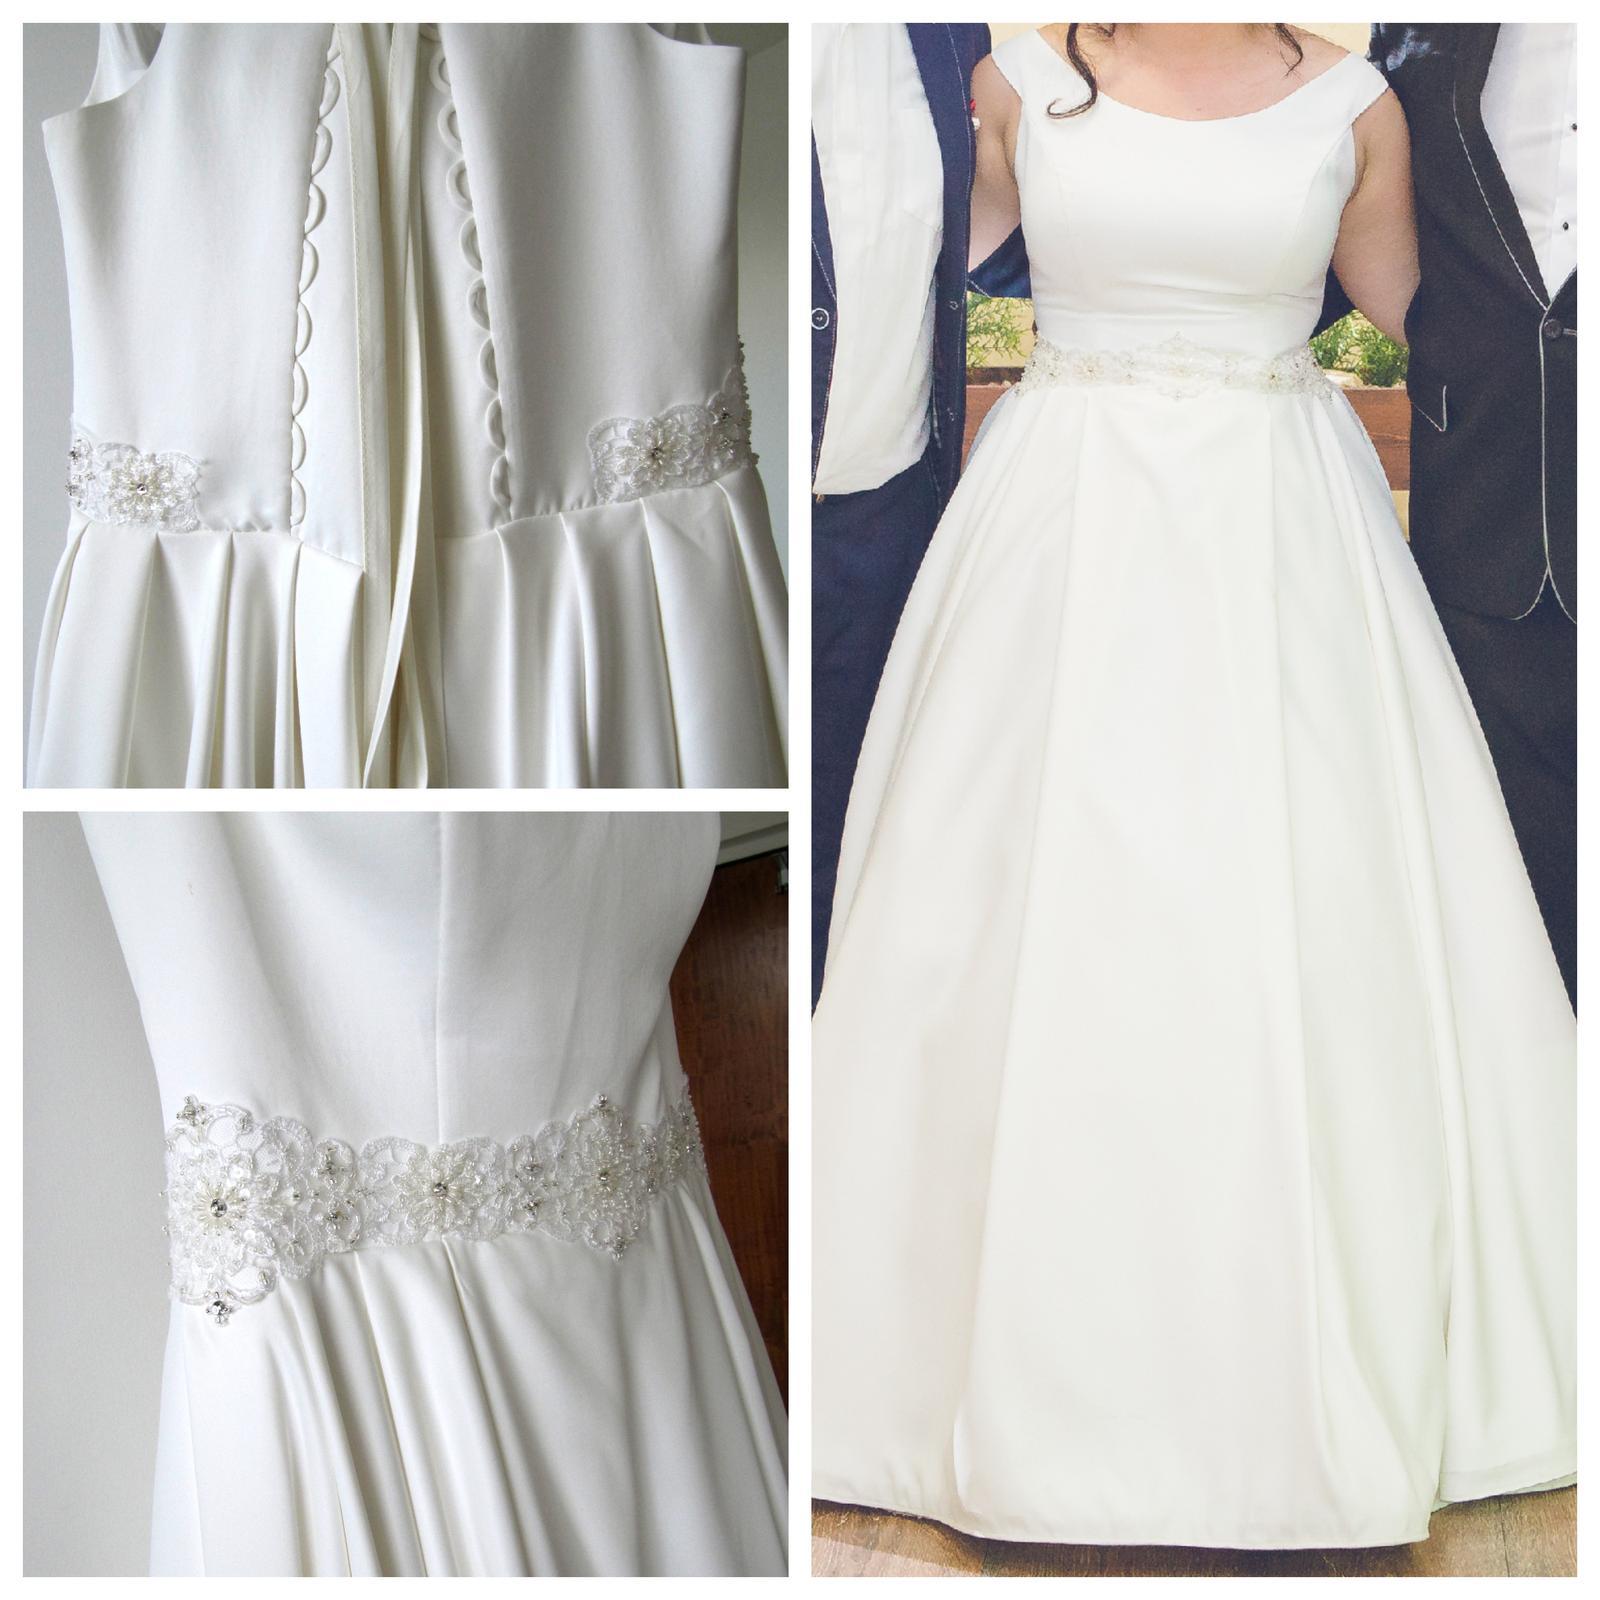 cd0b9b0561ae Jednoduché saténové svadobné šaty